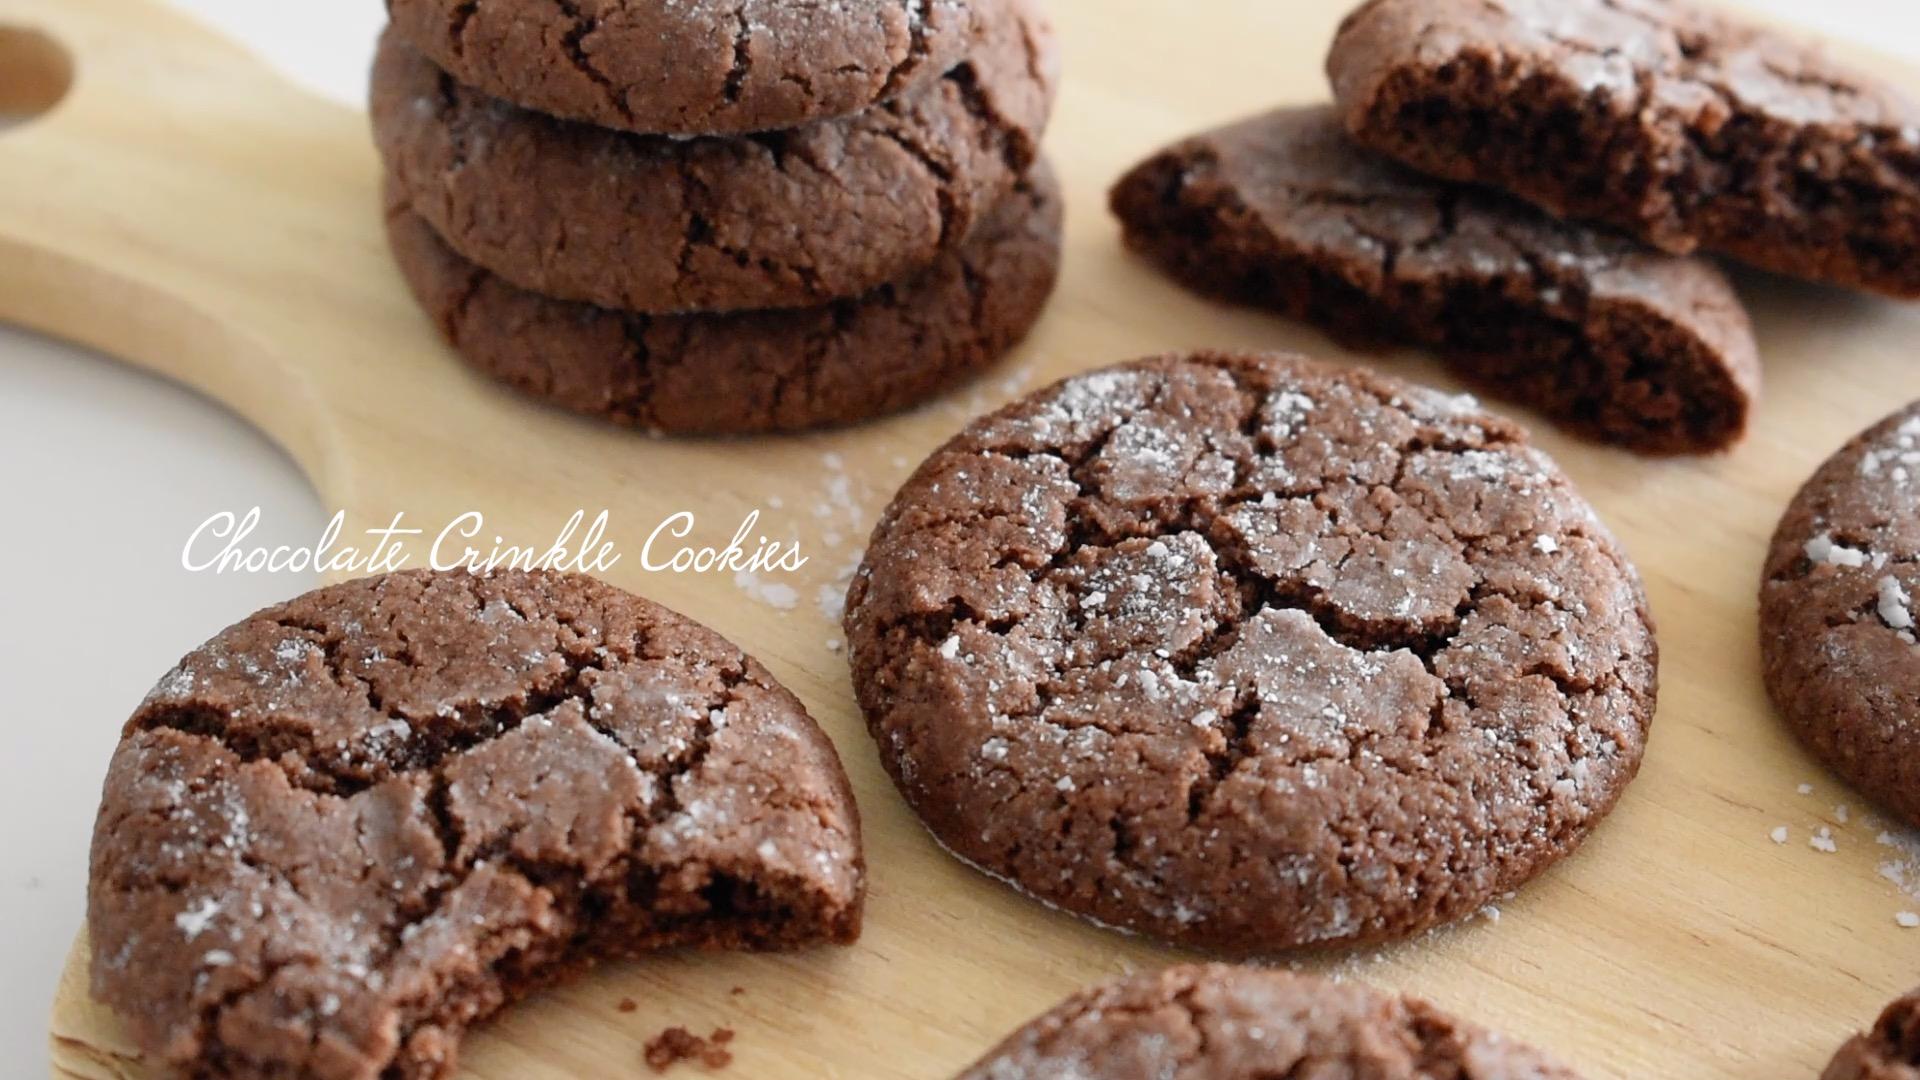 【チョコなし】チョコレートクリンクルクッキー【小麦粉・卵・乳製品不使用】